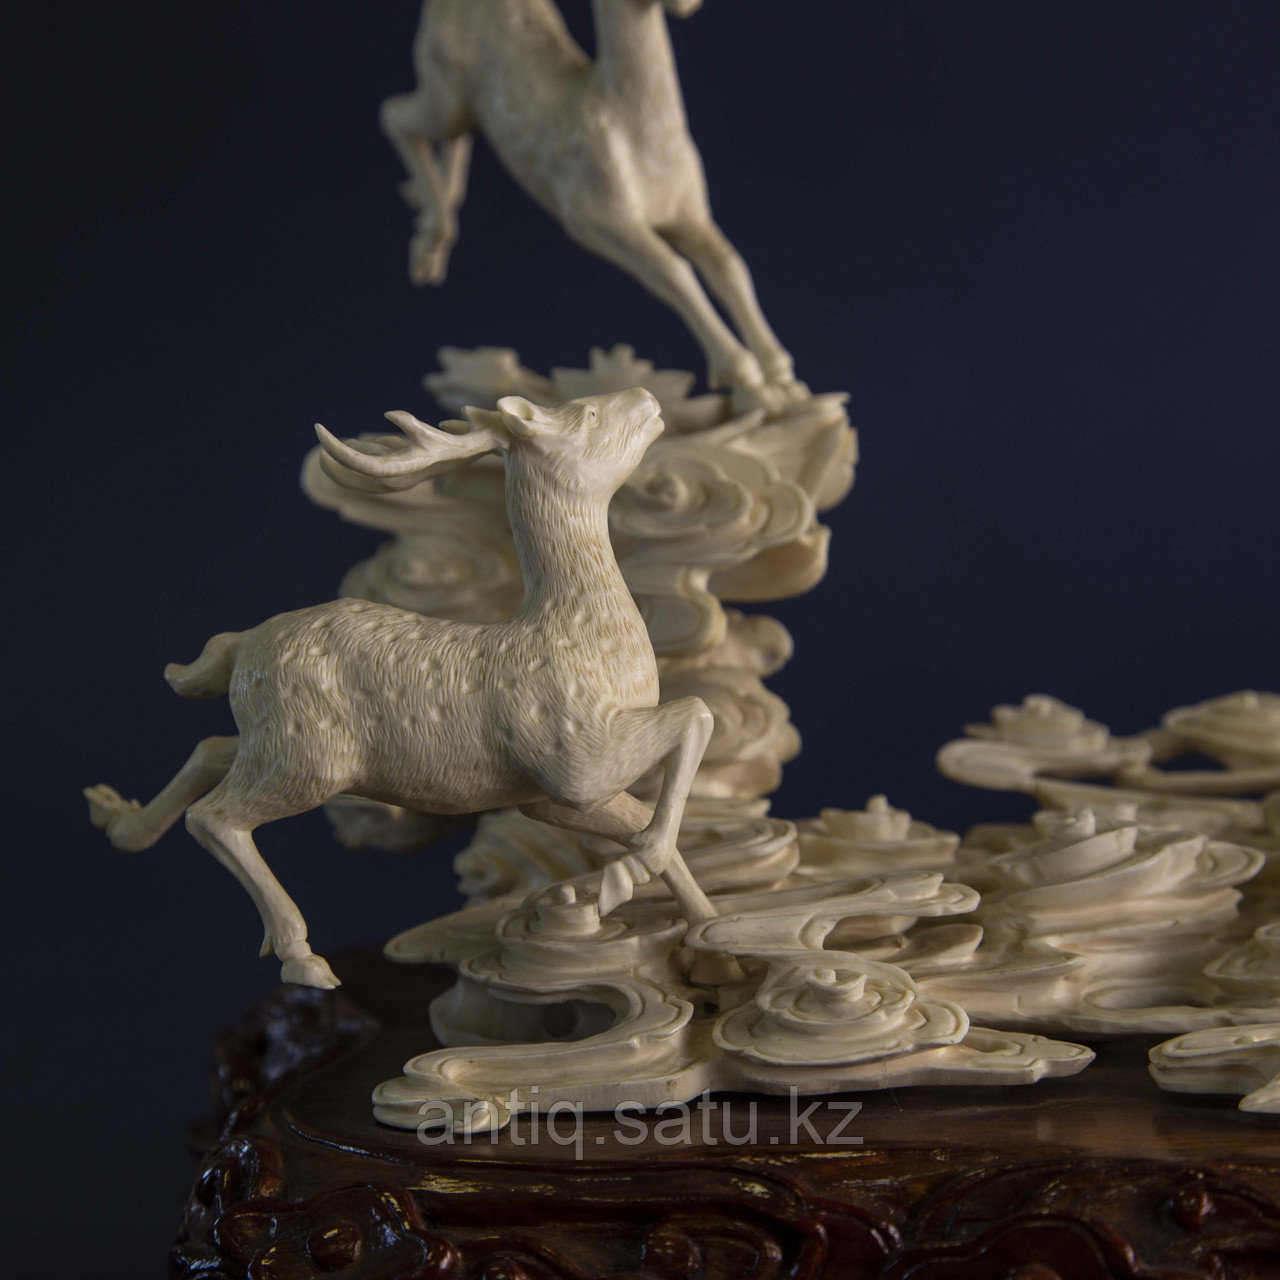 Великолепная композиция Олени. Символ изобилия, счастья и долголетия. Слоновая кость. - фото 7